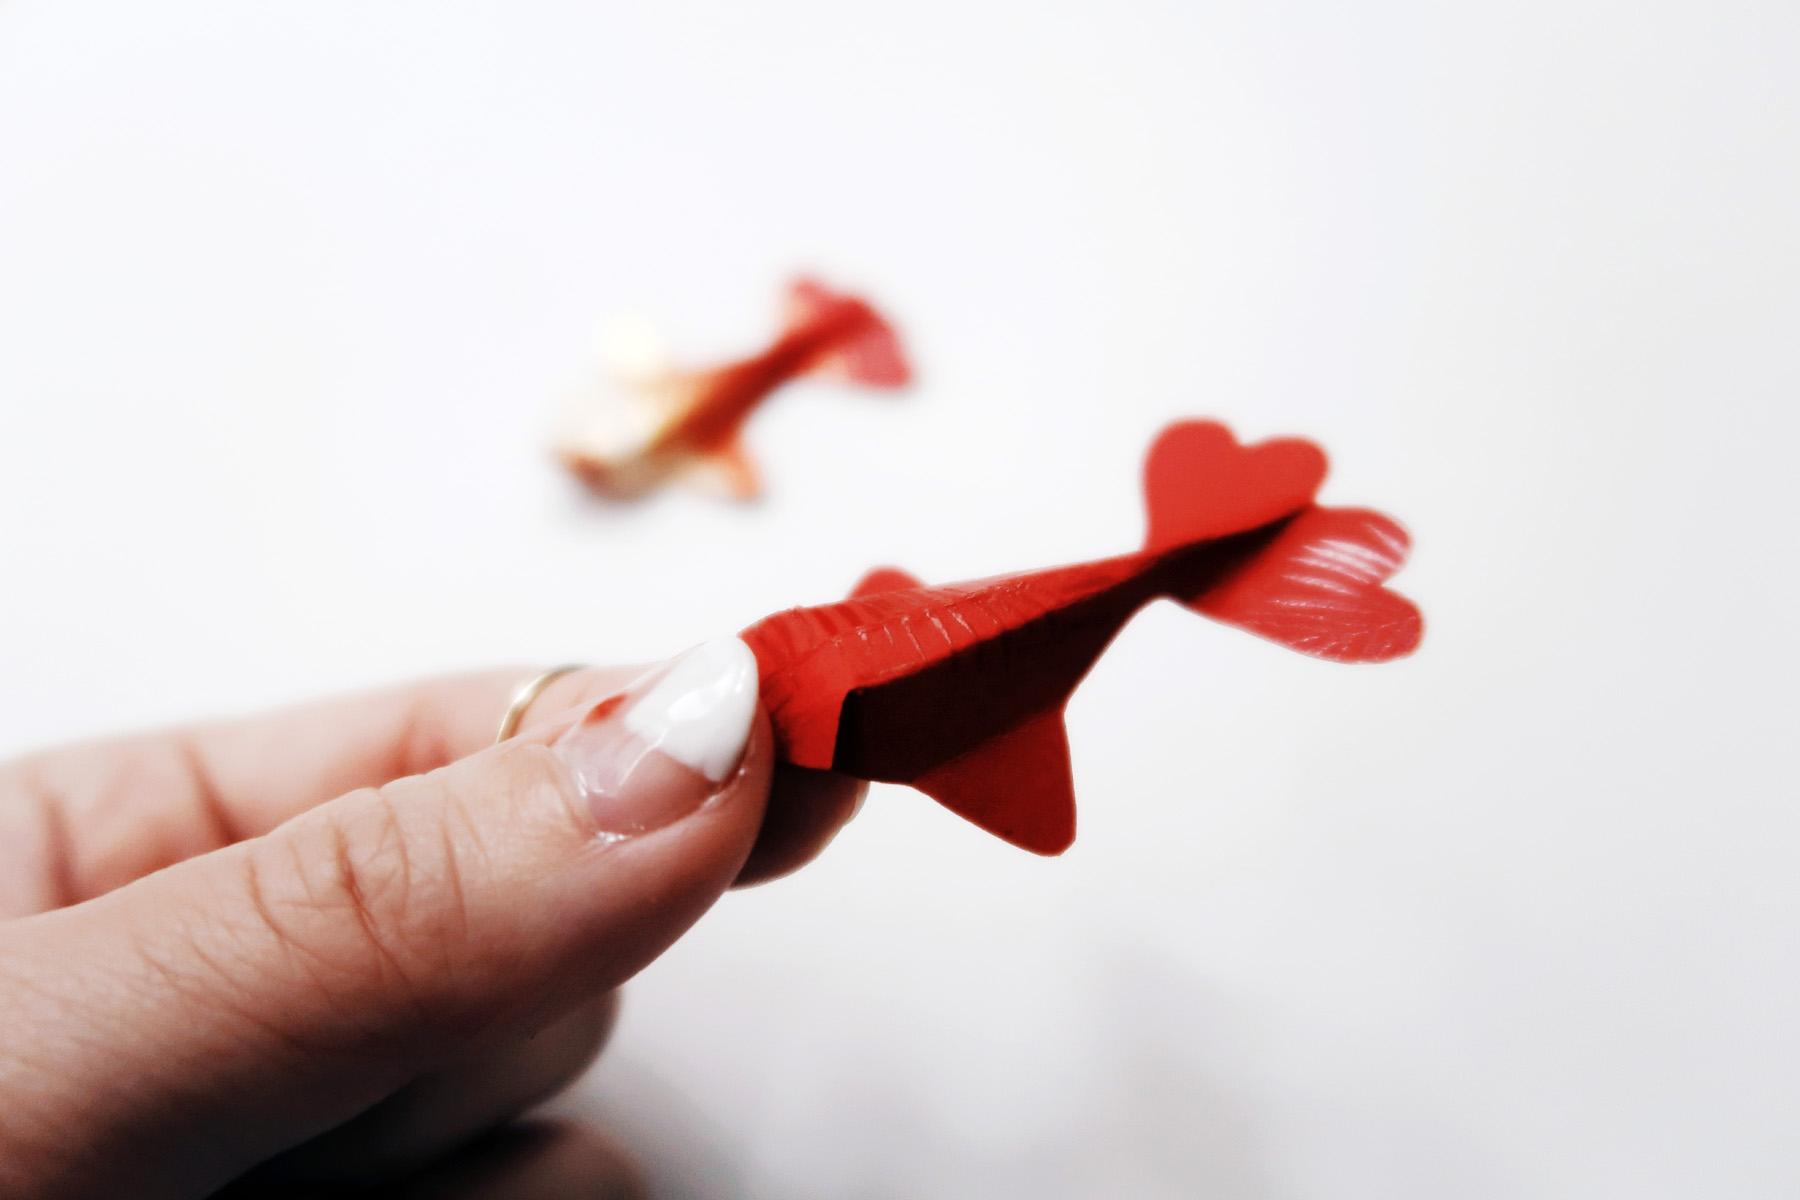 / 灰調 / DIY手作小教學:立體錦鯉紅包袋 - 錦鯉頭製作